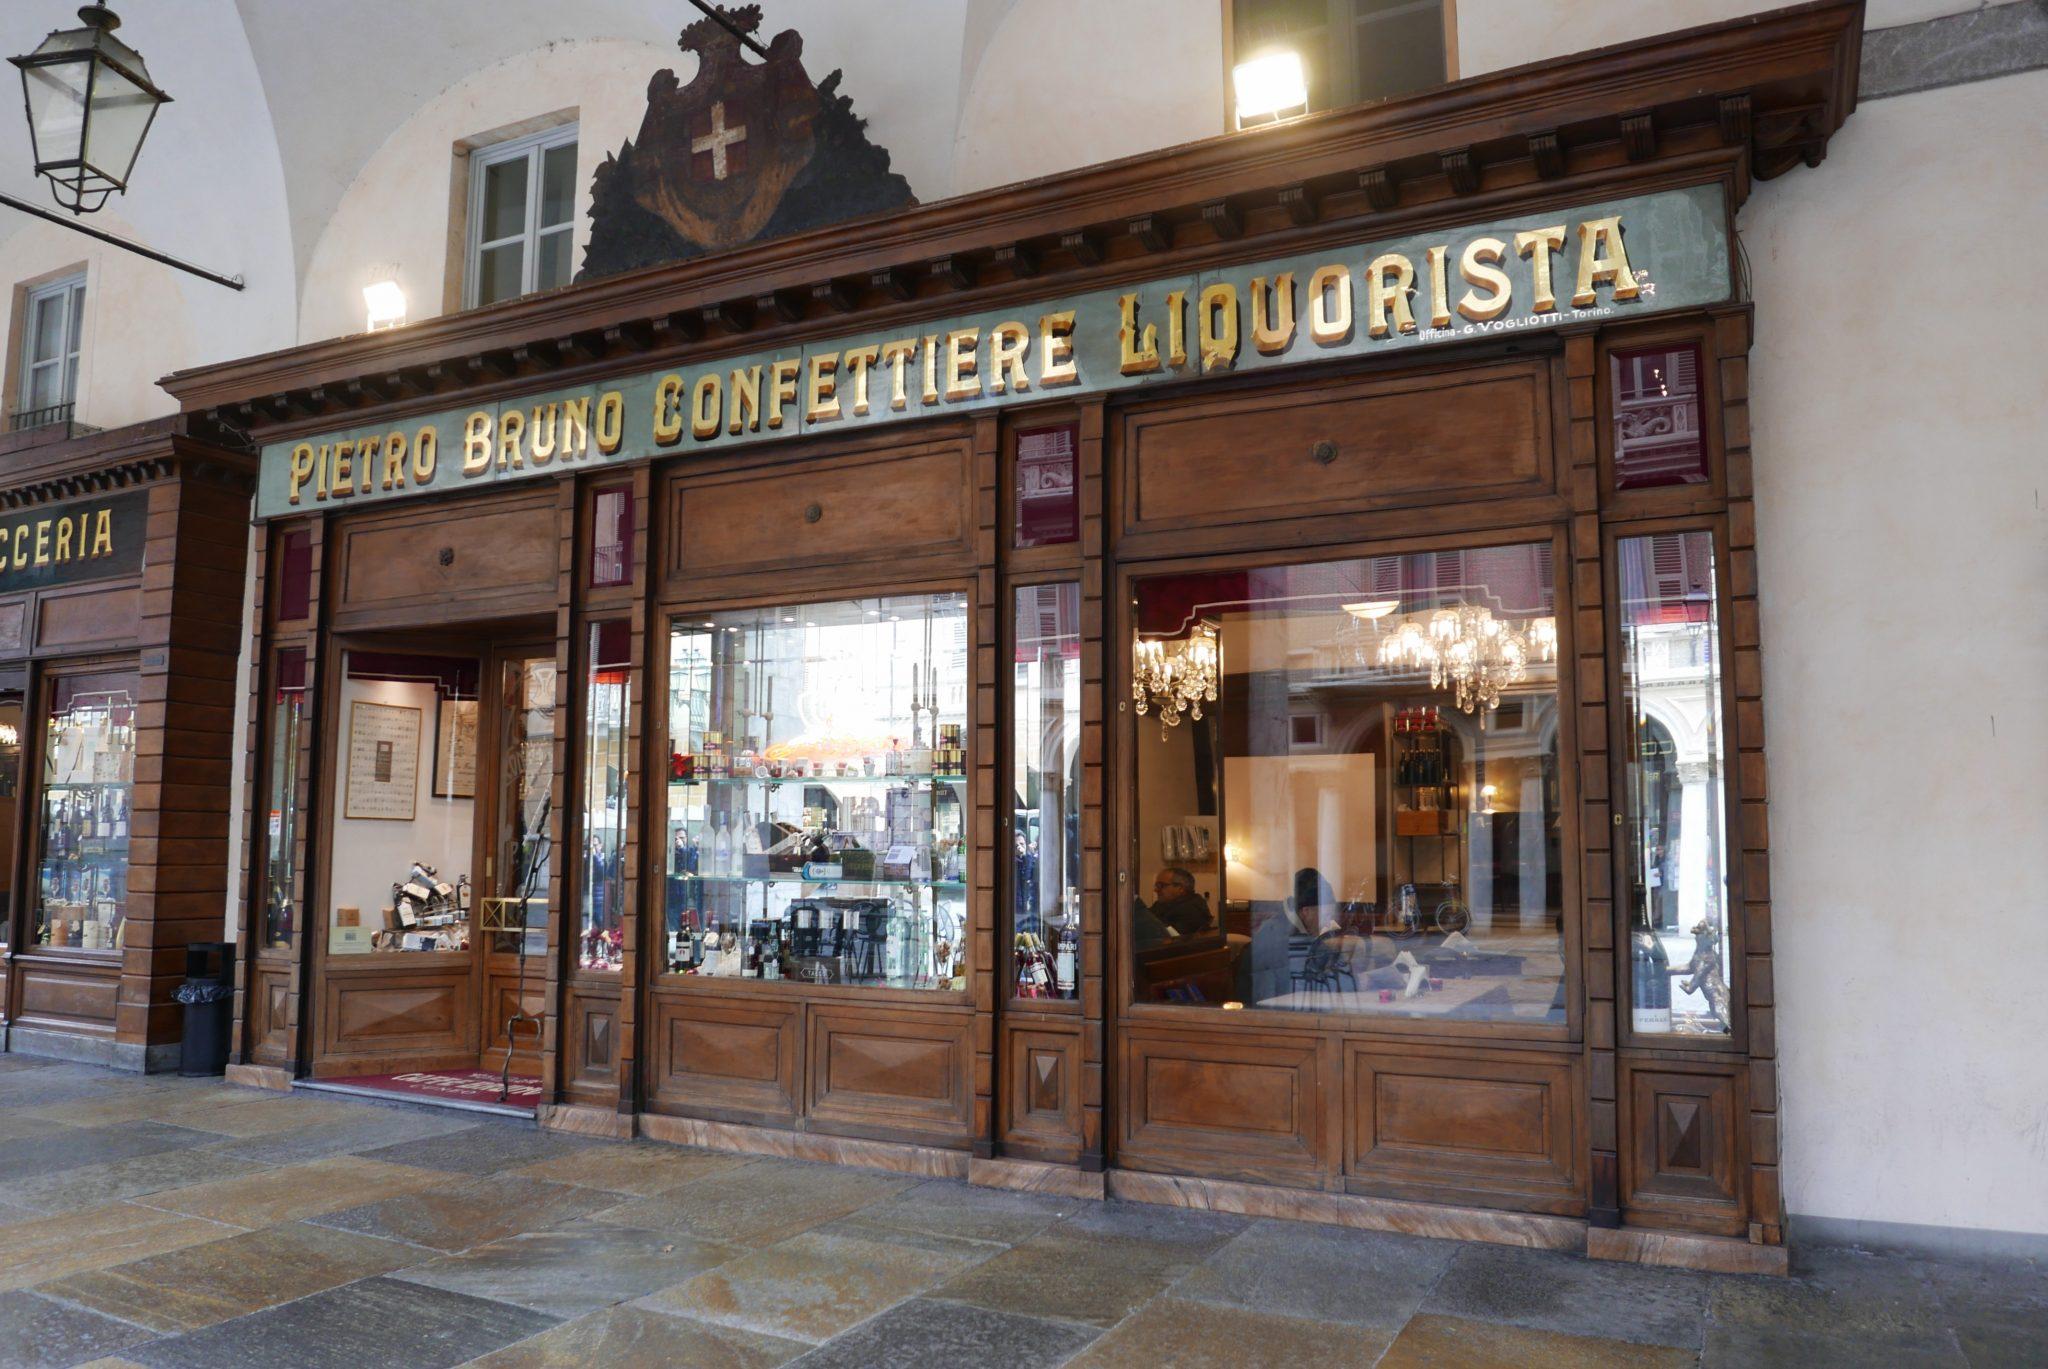 Le insegne storiche di Cuneo raccontano la storia antica della città. Una visita guidata lungo le vie del centro per riscoprire le epoche e i negozi